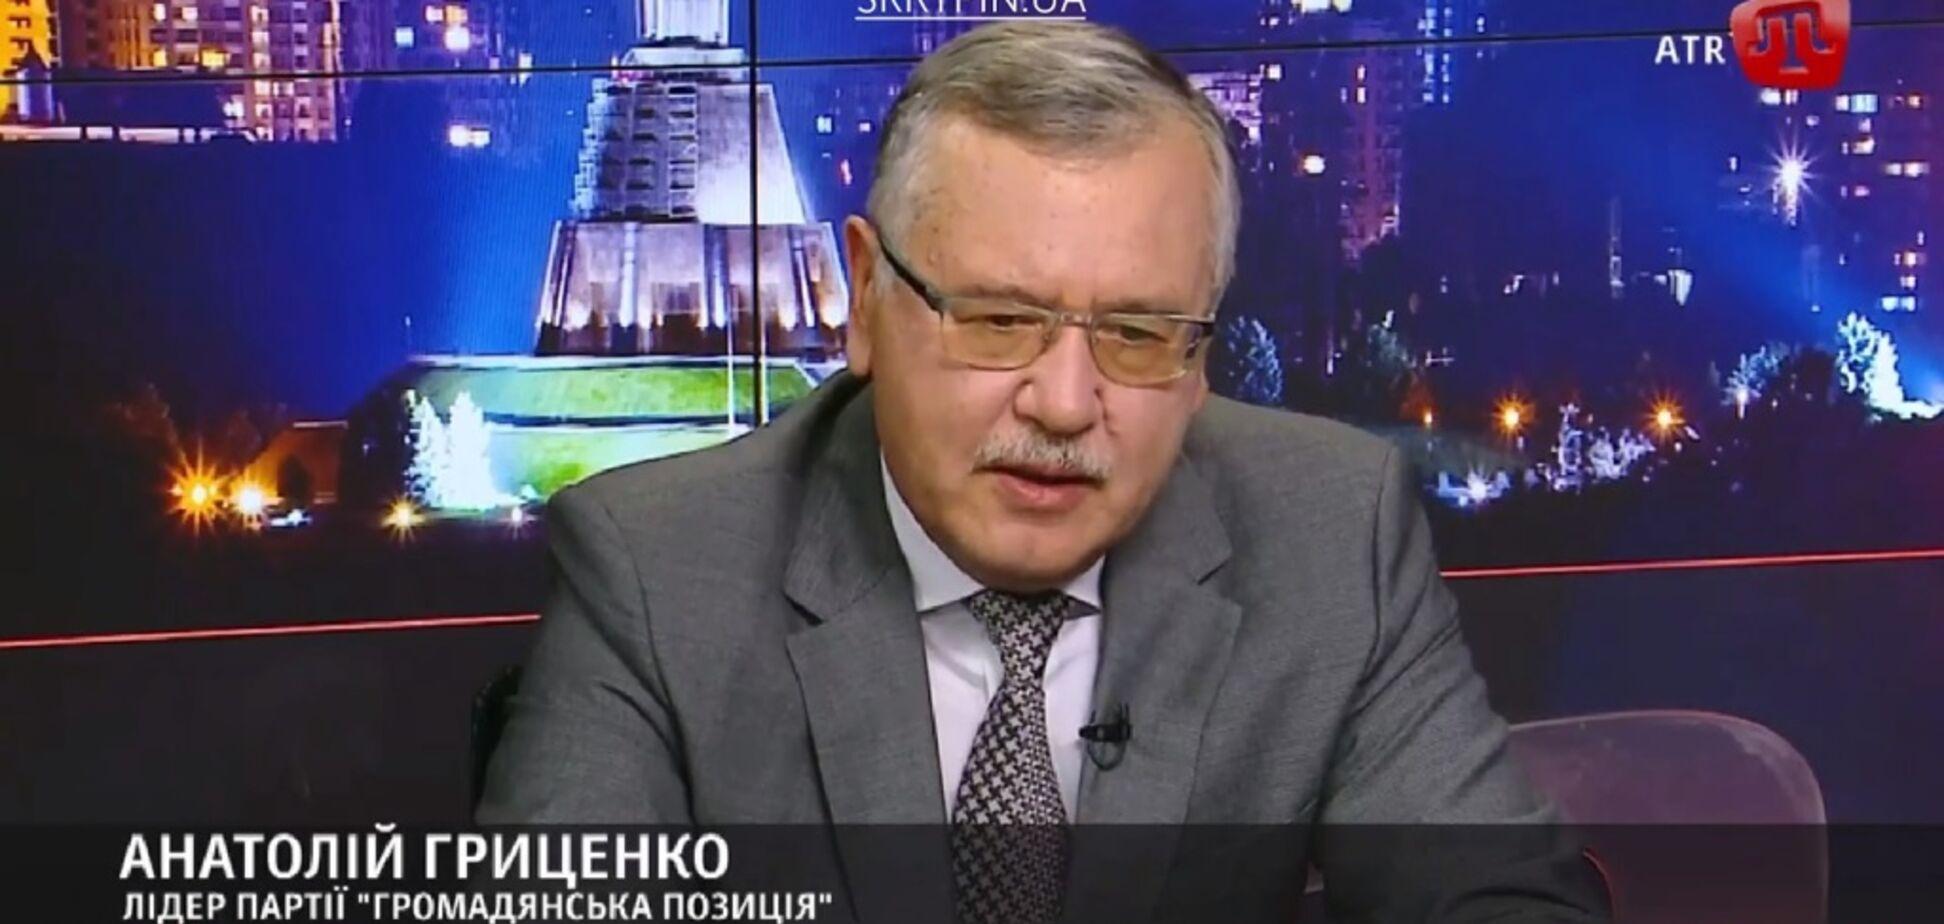 'Показатель Зеленского надо делить на три': Гриценко объяснил причину